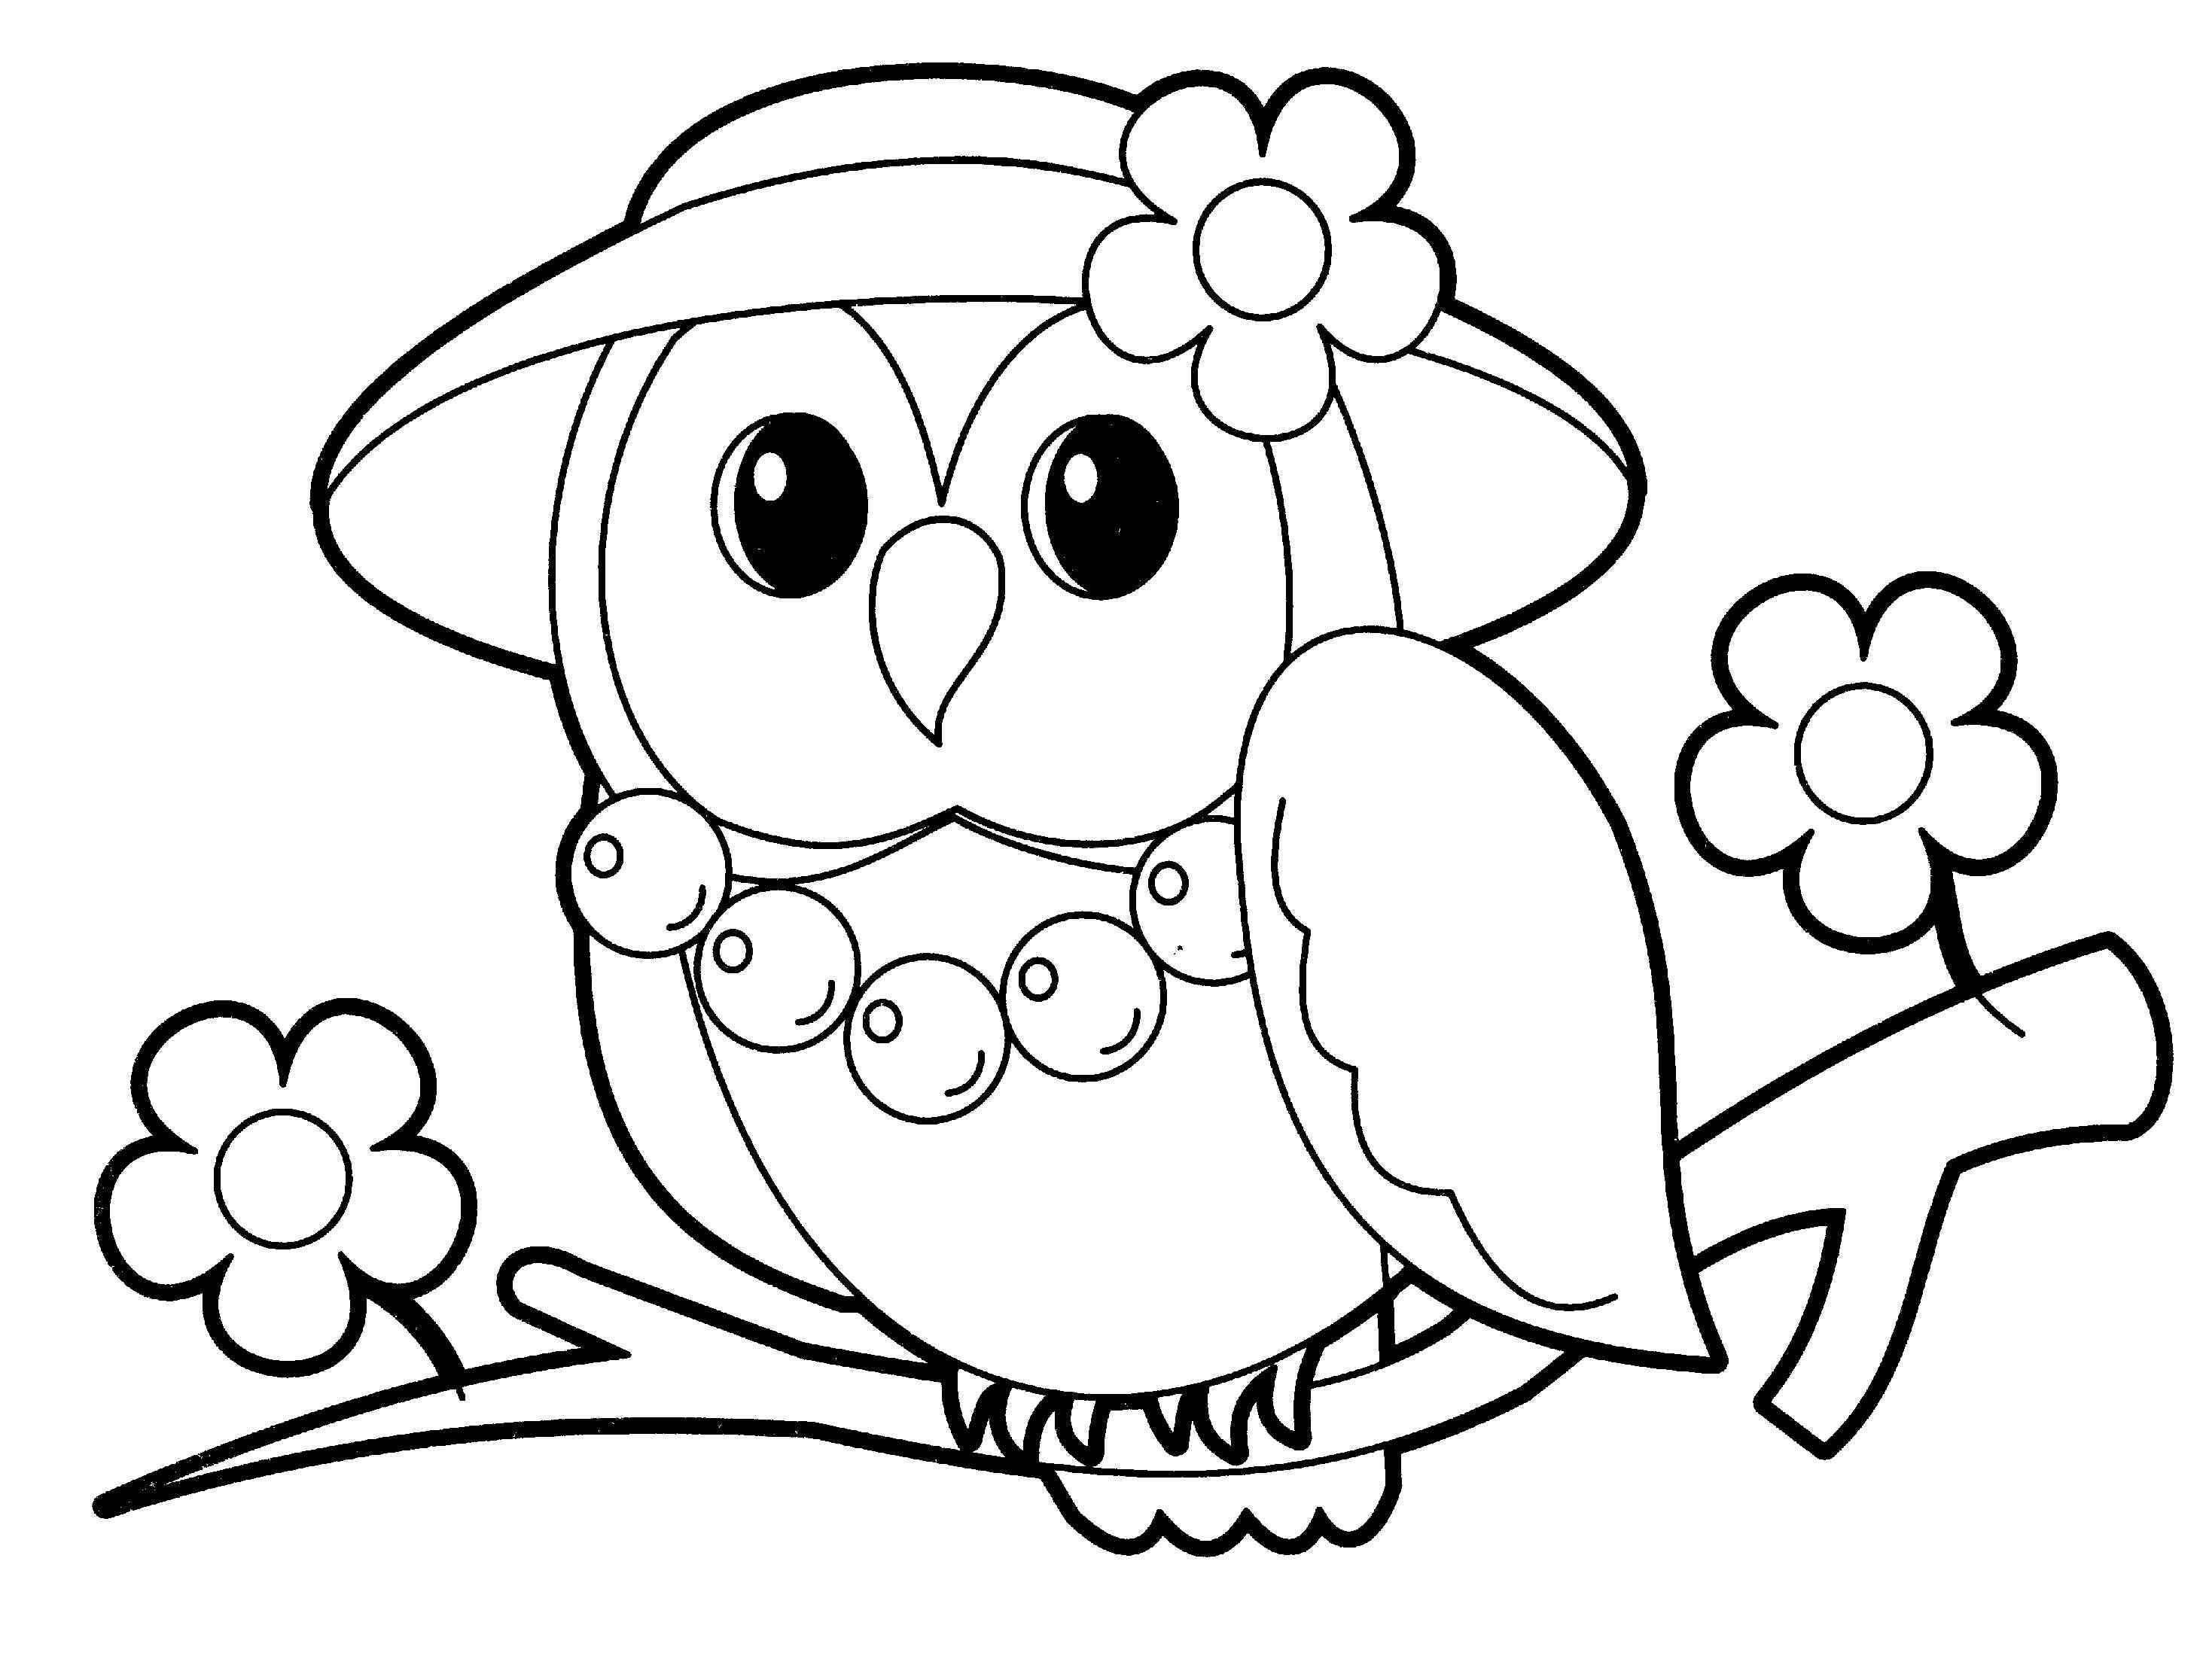 Раскраска для девочек совы